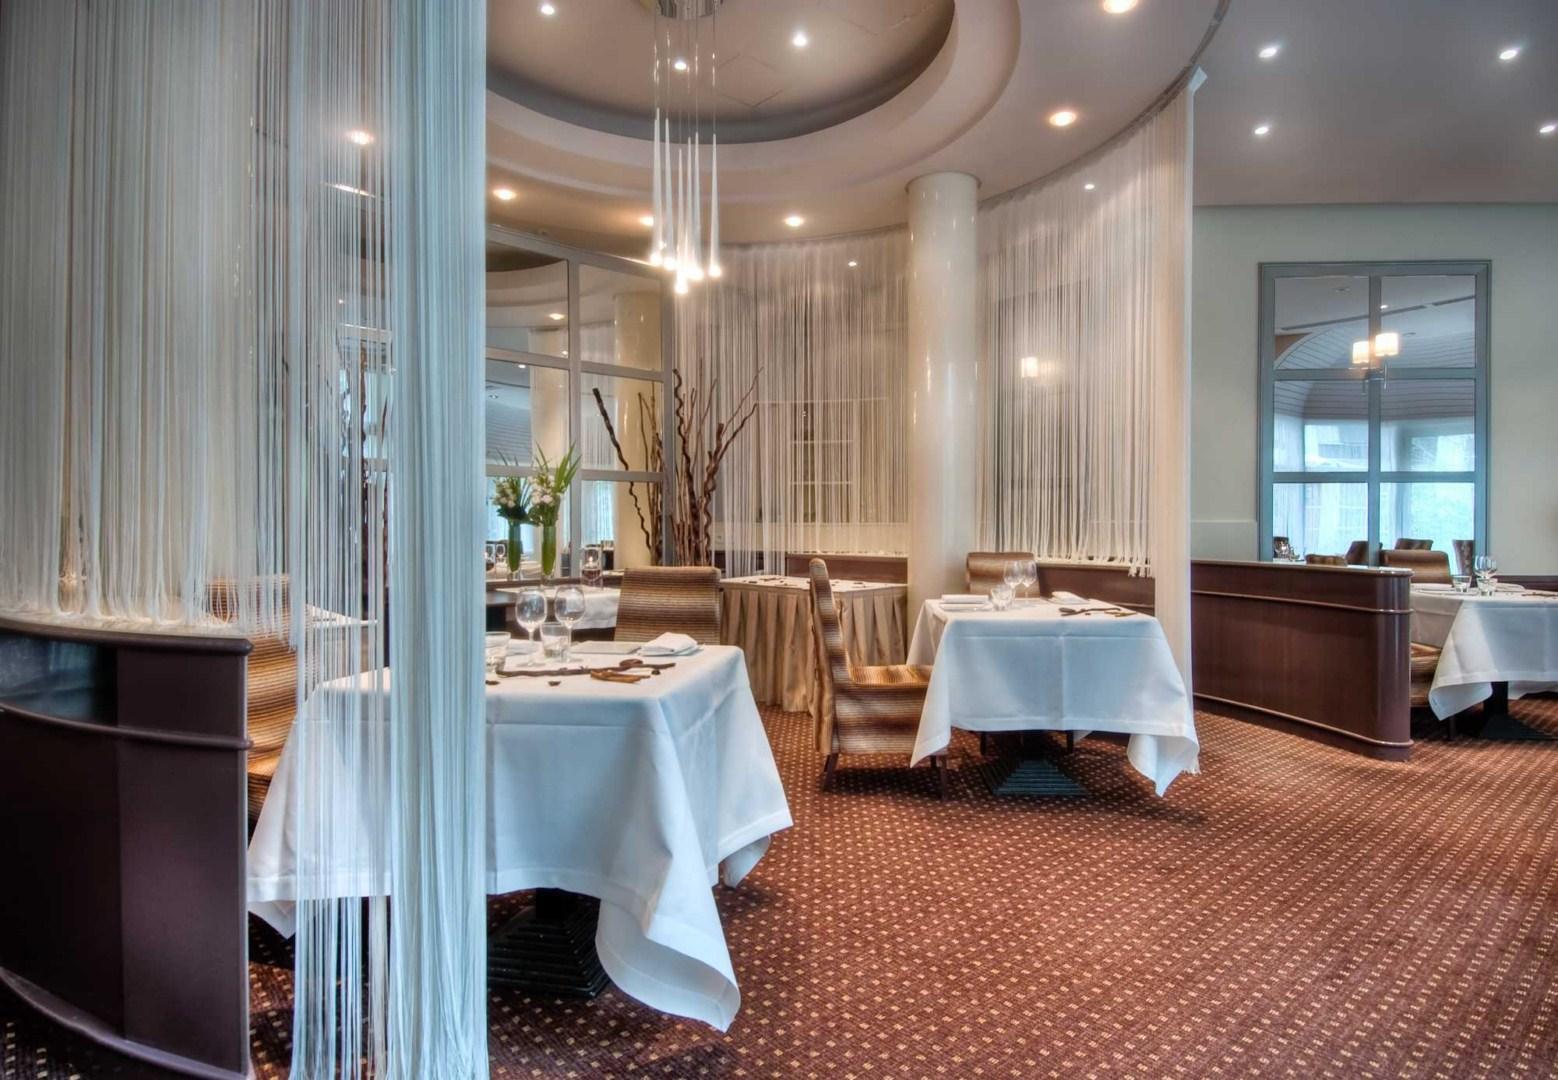 Hotel Ampere - Restaurant le Jardin d ampere